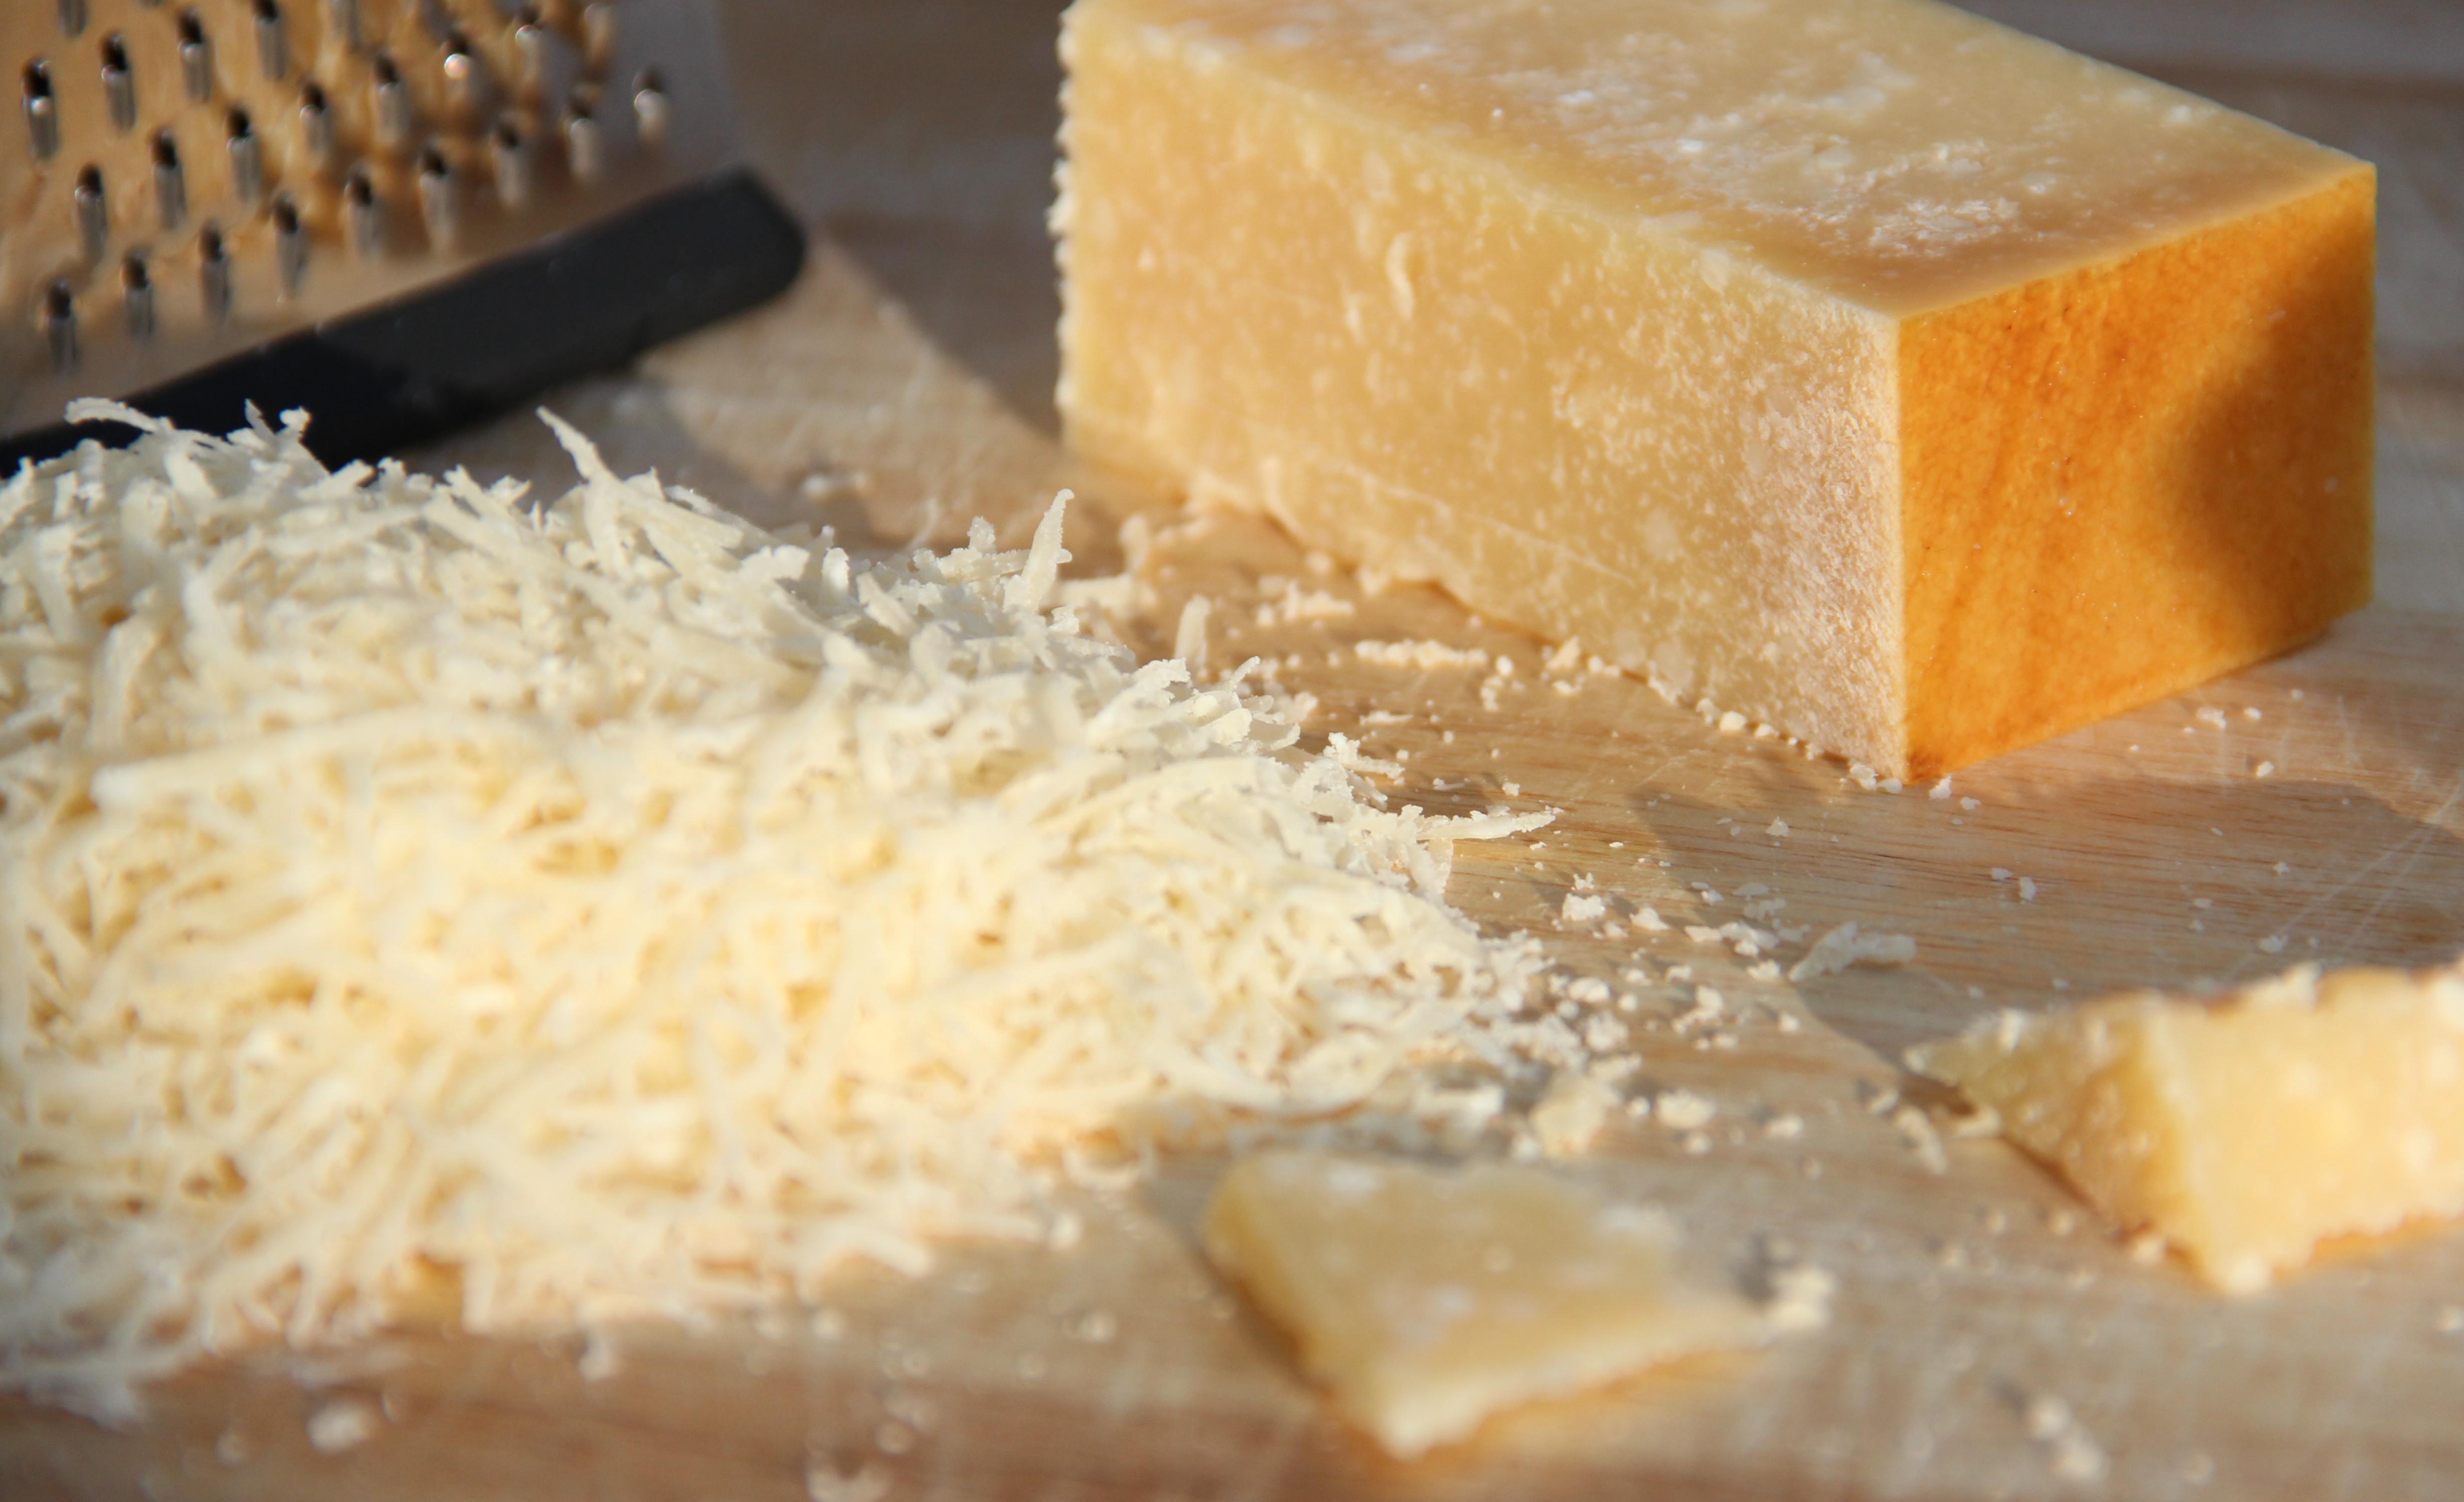 Formaggio, tipo Parmigiano, grattugiato